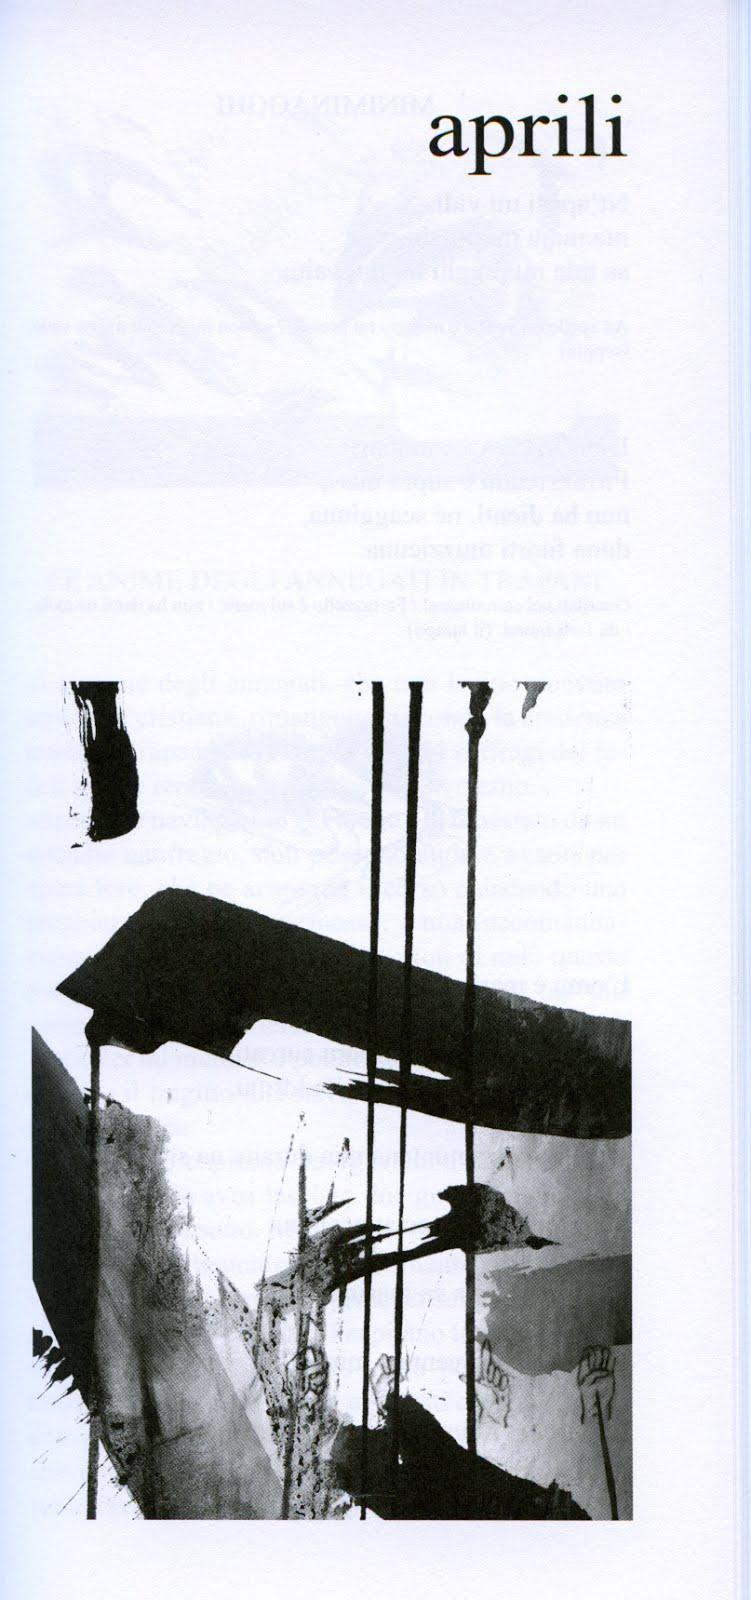 extrait Almanaccu sicilianu